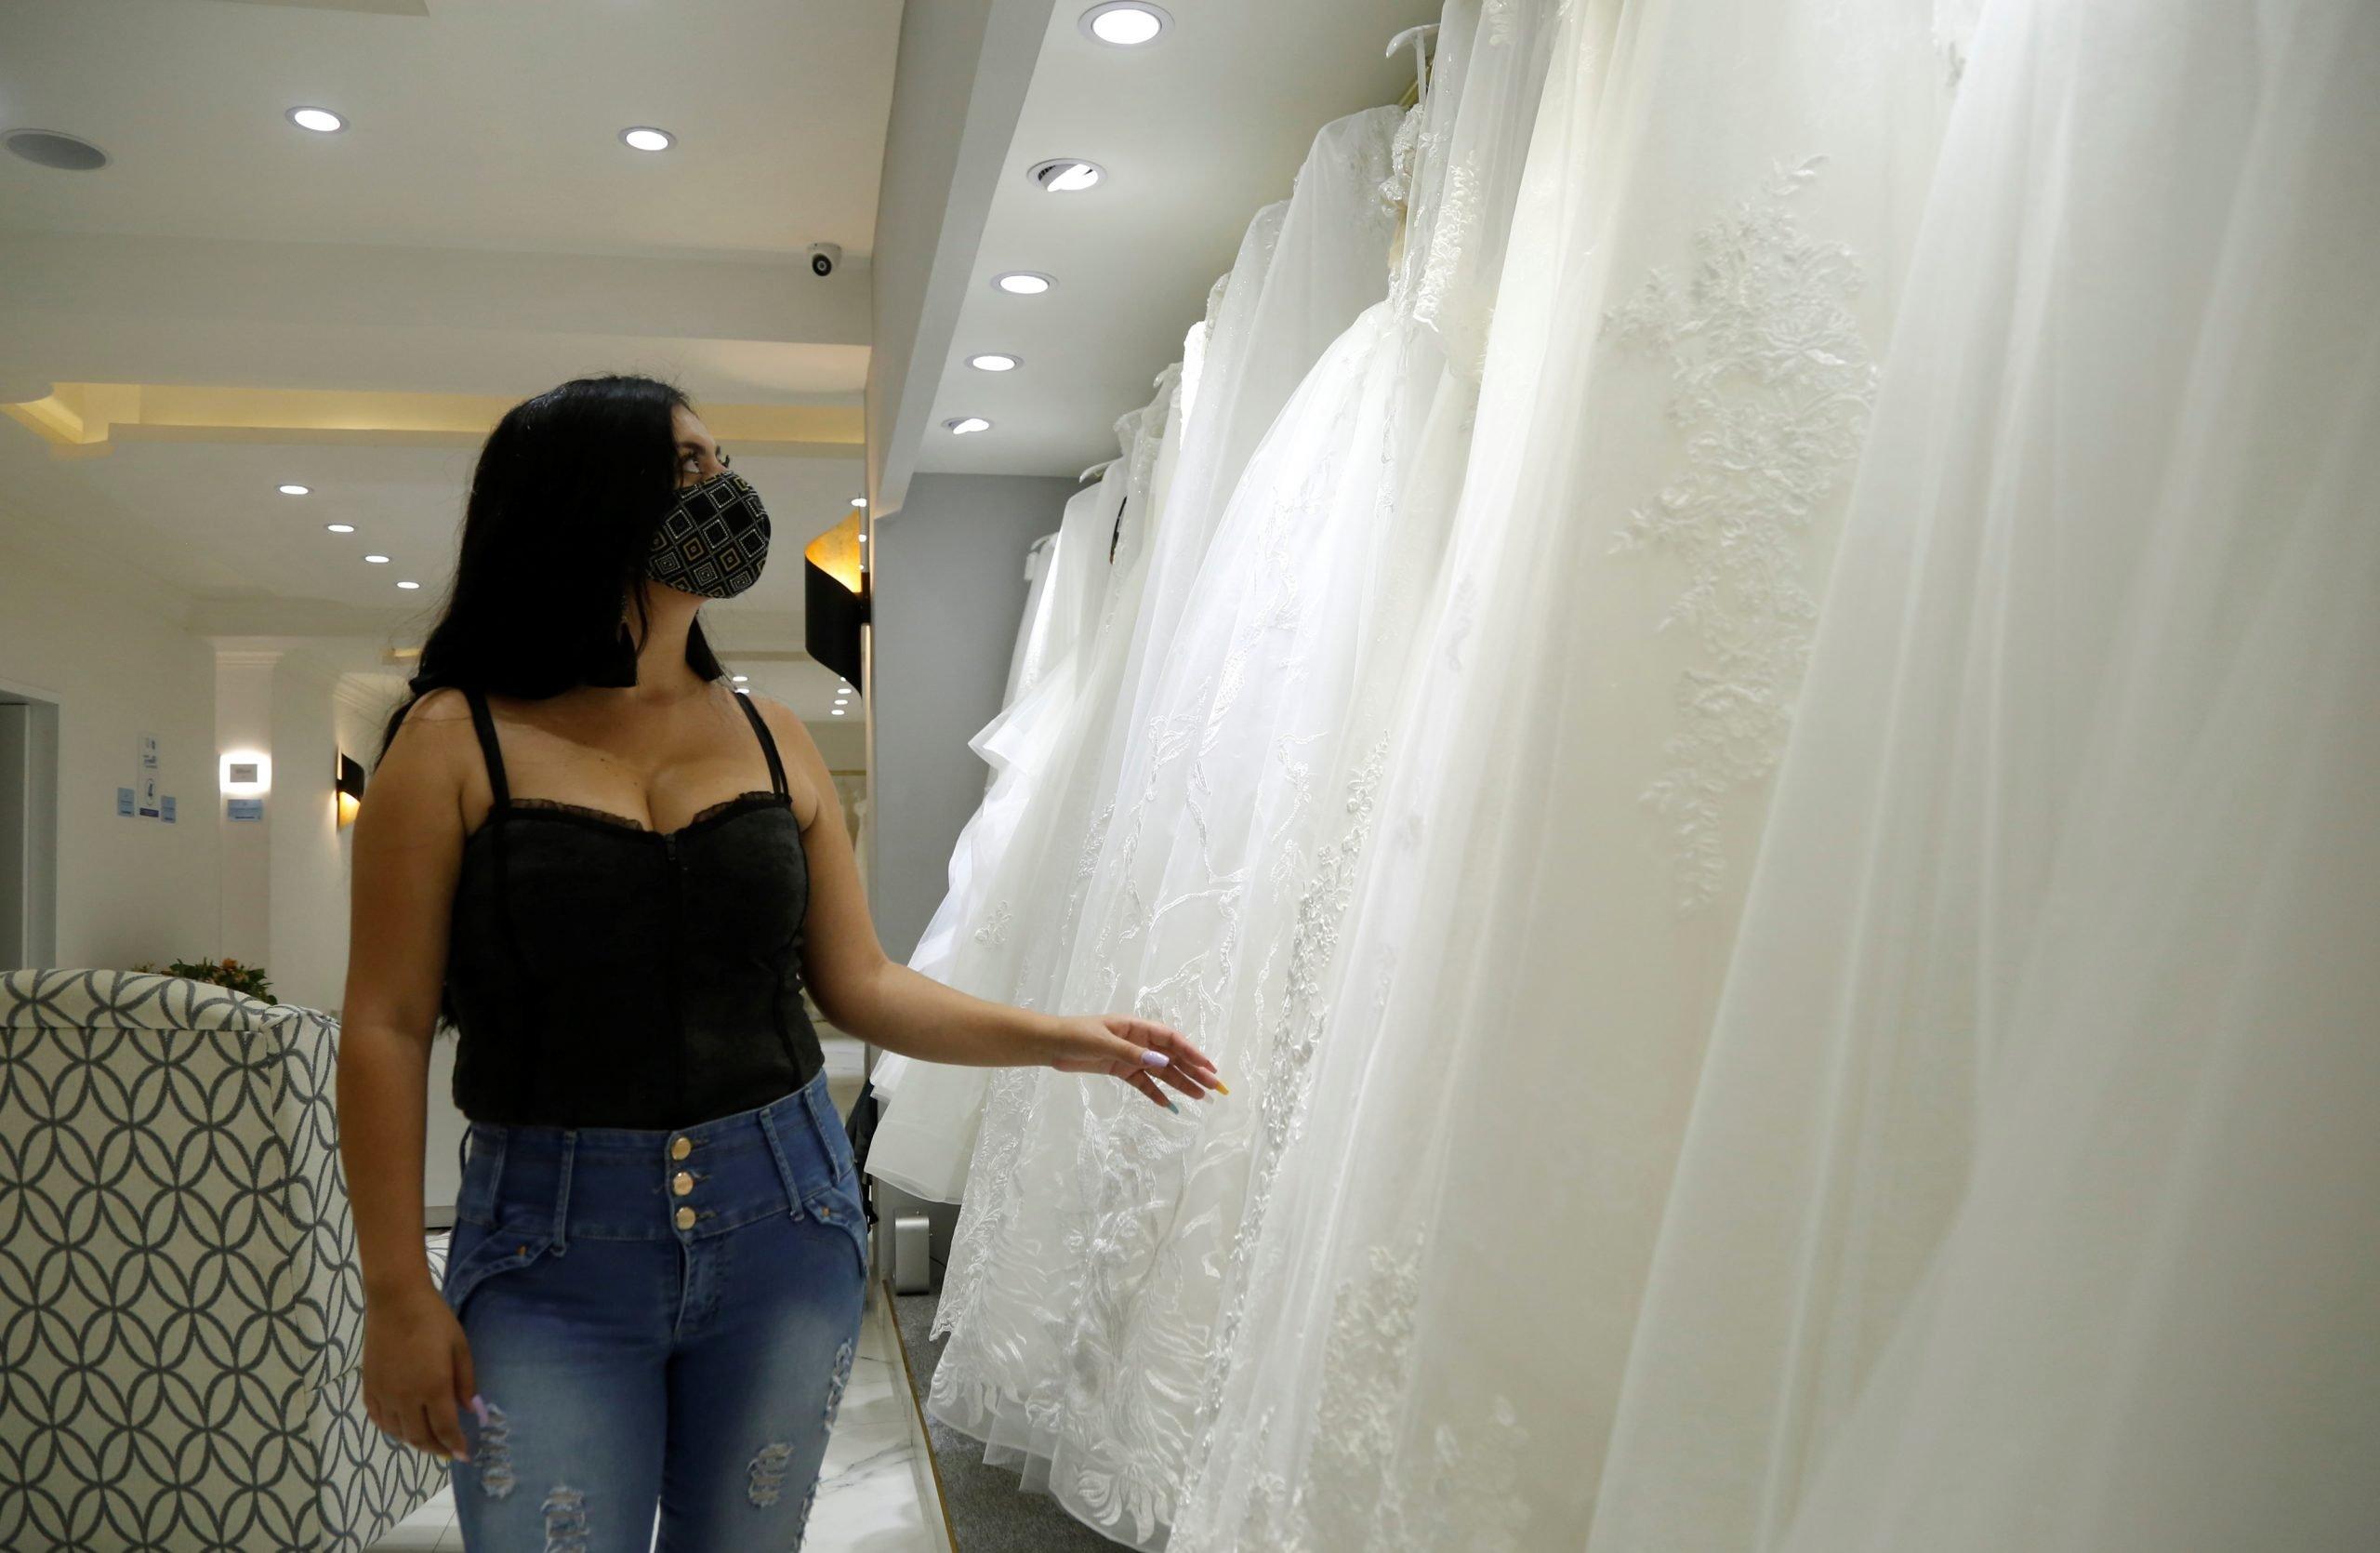 Menos invitados y un vaso por persona: las bodas se adaptan para 'convivir' con pandemia